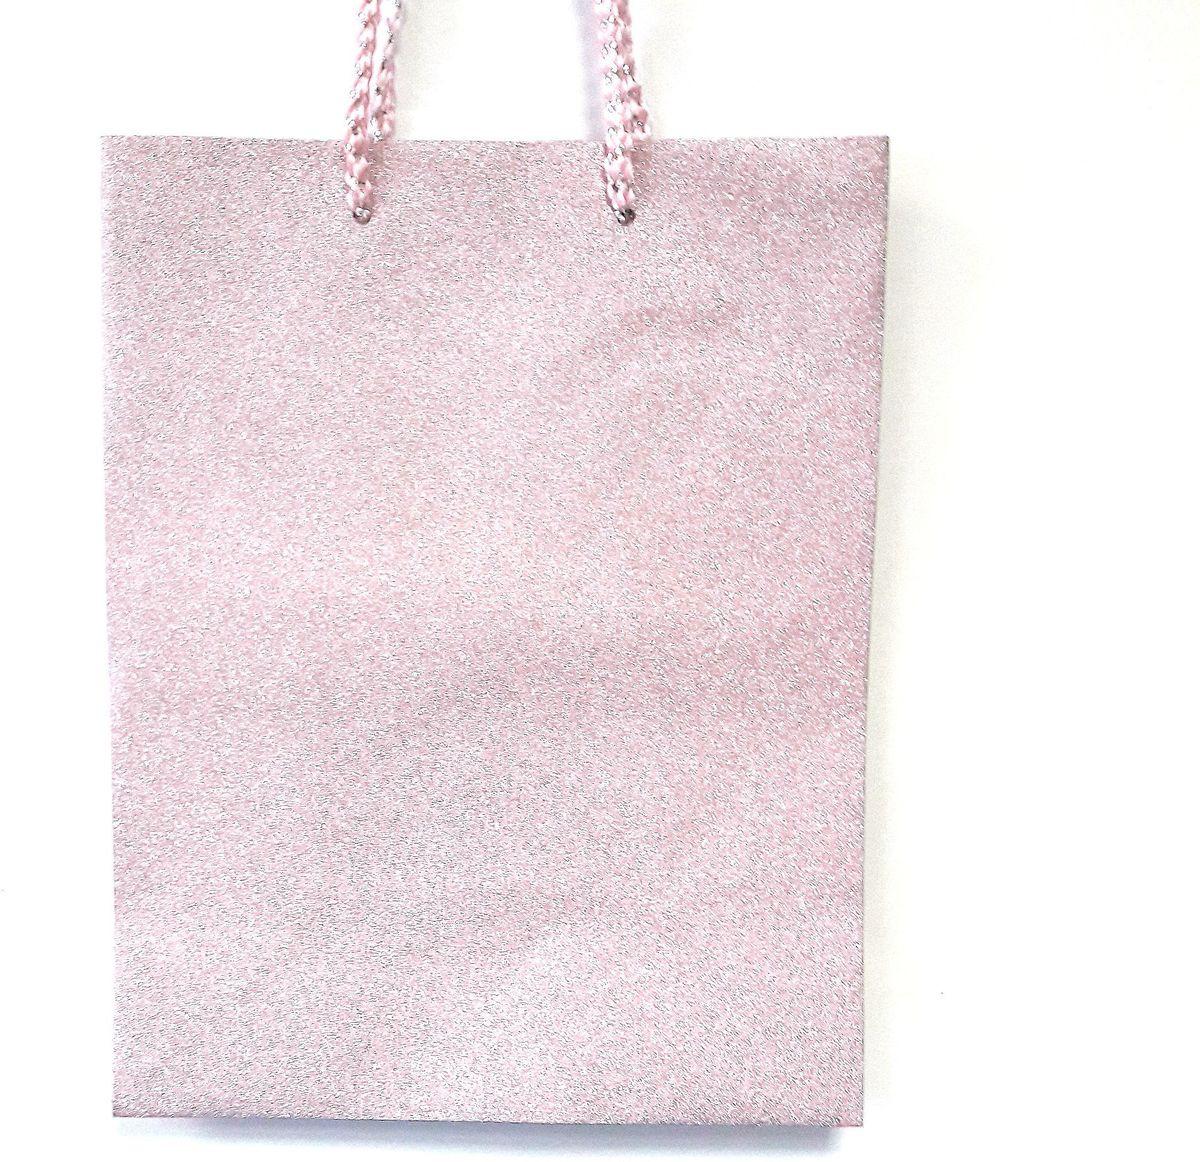 Пакет подарочный Яркий Праздник Однотонный, цвет: розовый, 17,8 х 22,9 х 10,2 см пакет подарочный яркий праздник однотонный цвет розовый 17 8 х 22 9 х 10 2 см